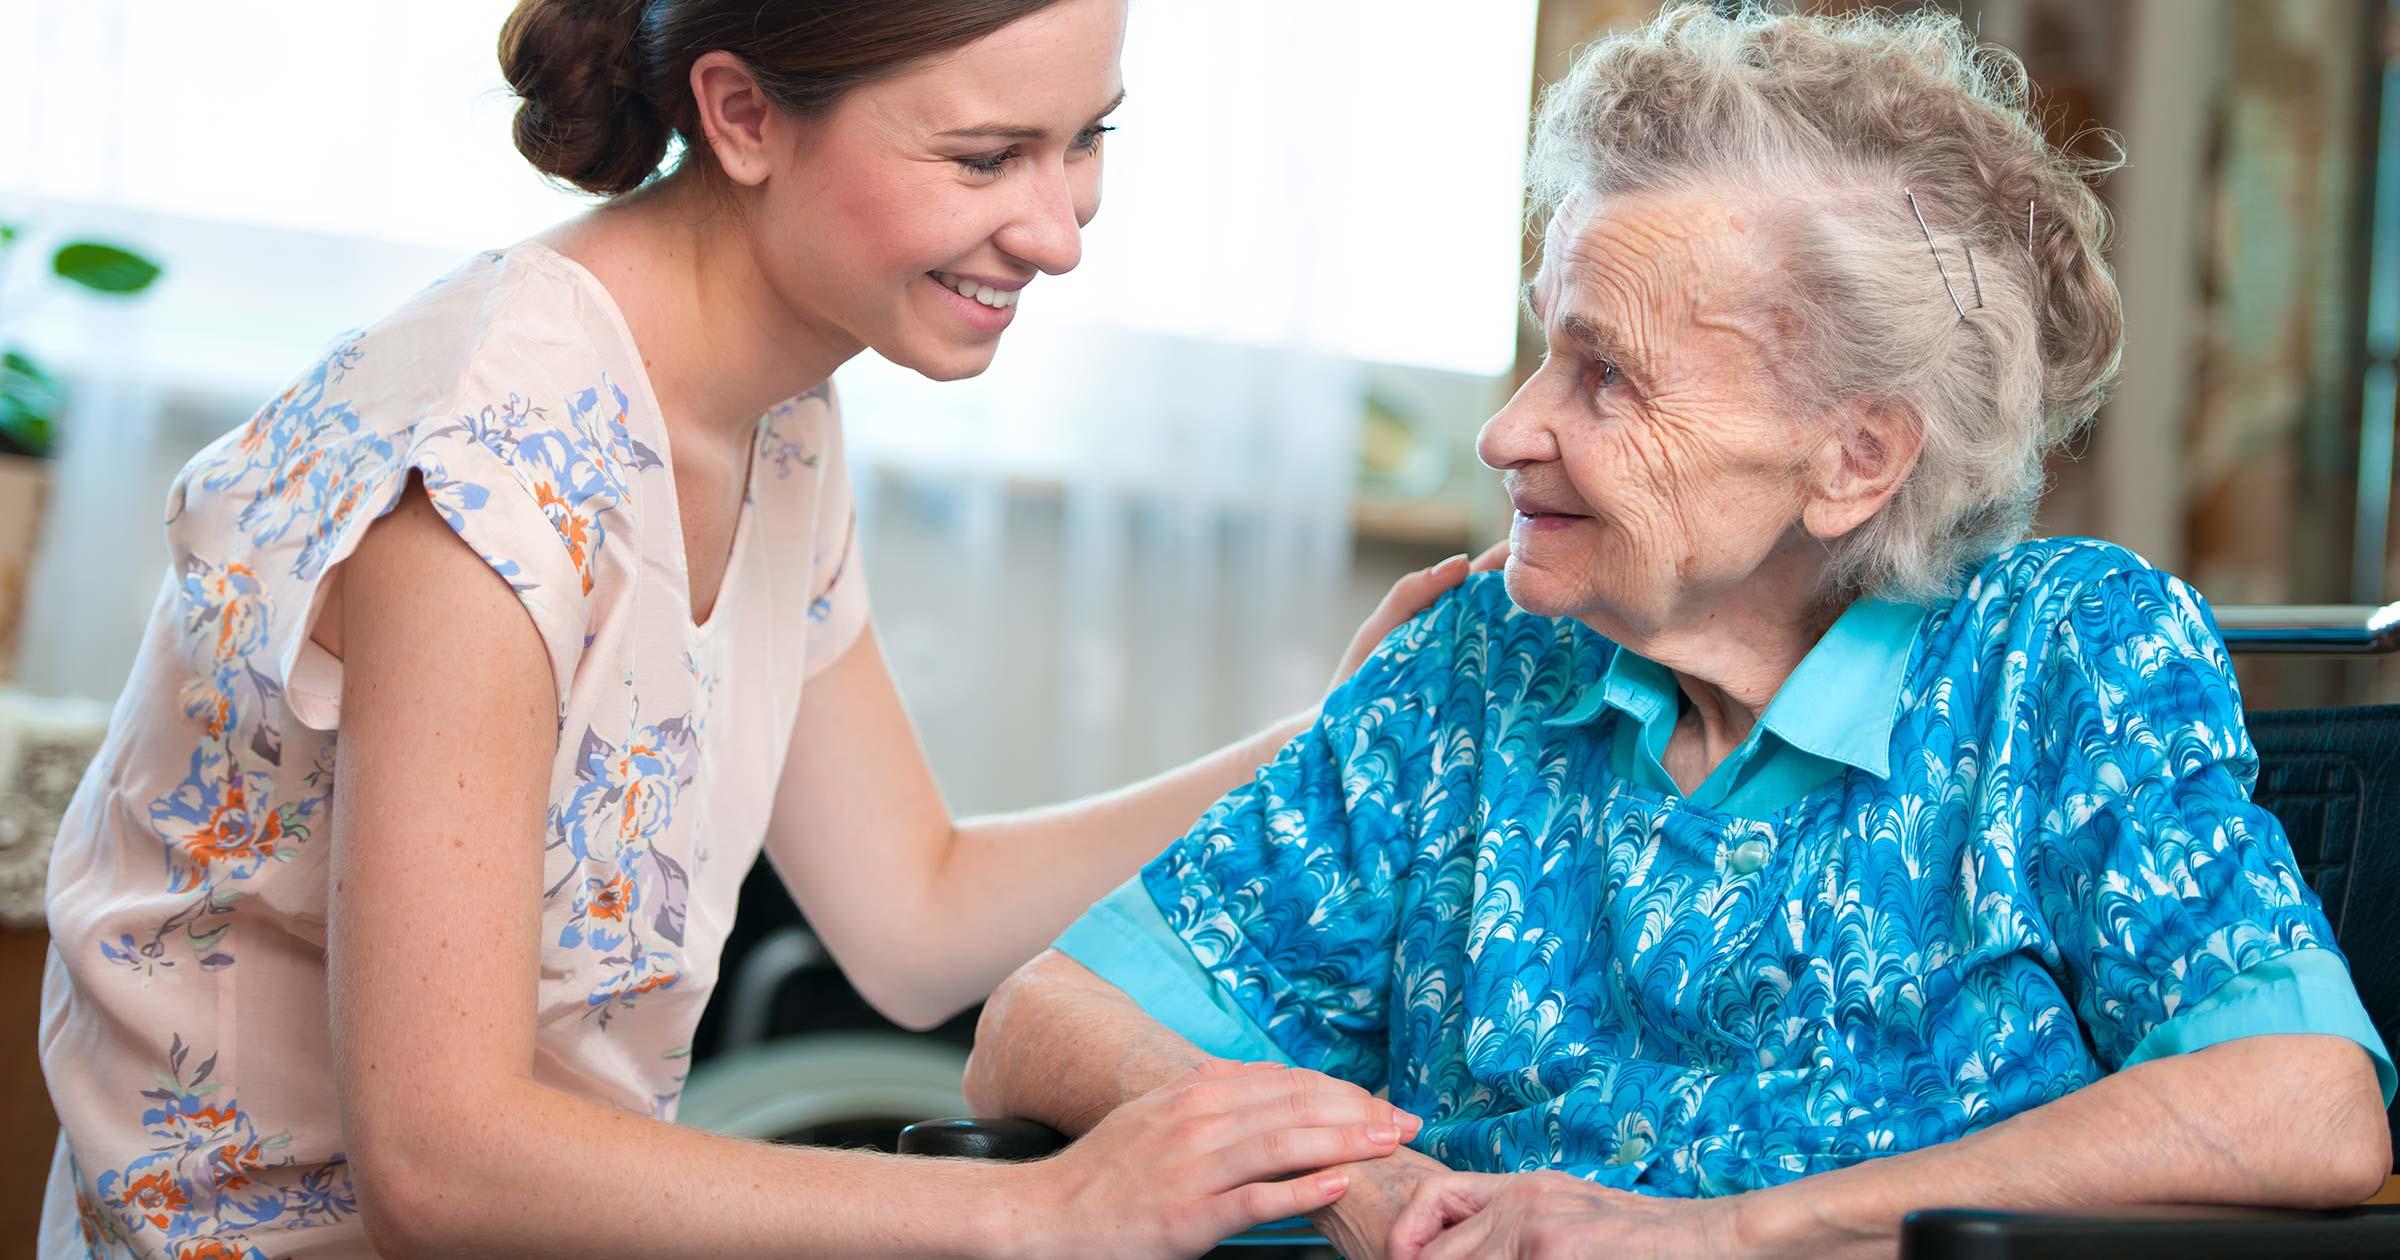 Tipps gegen Rückenprobleme für Pflegende